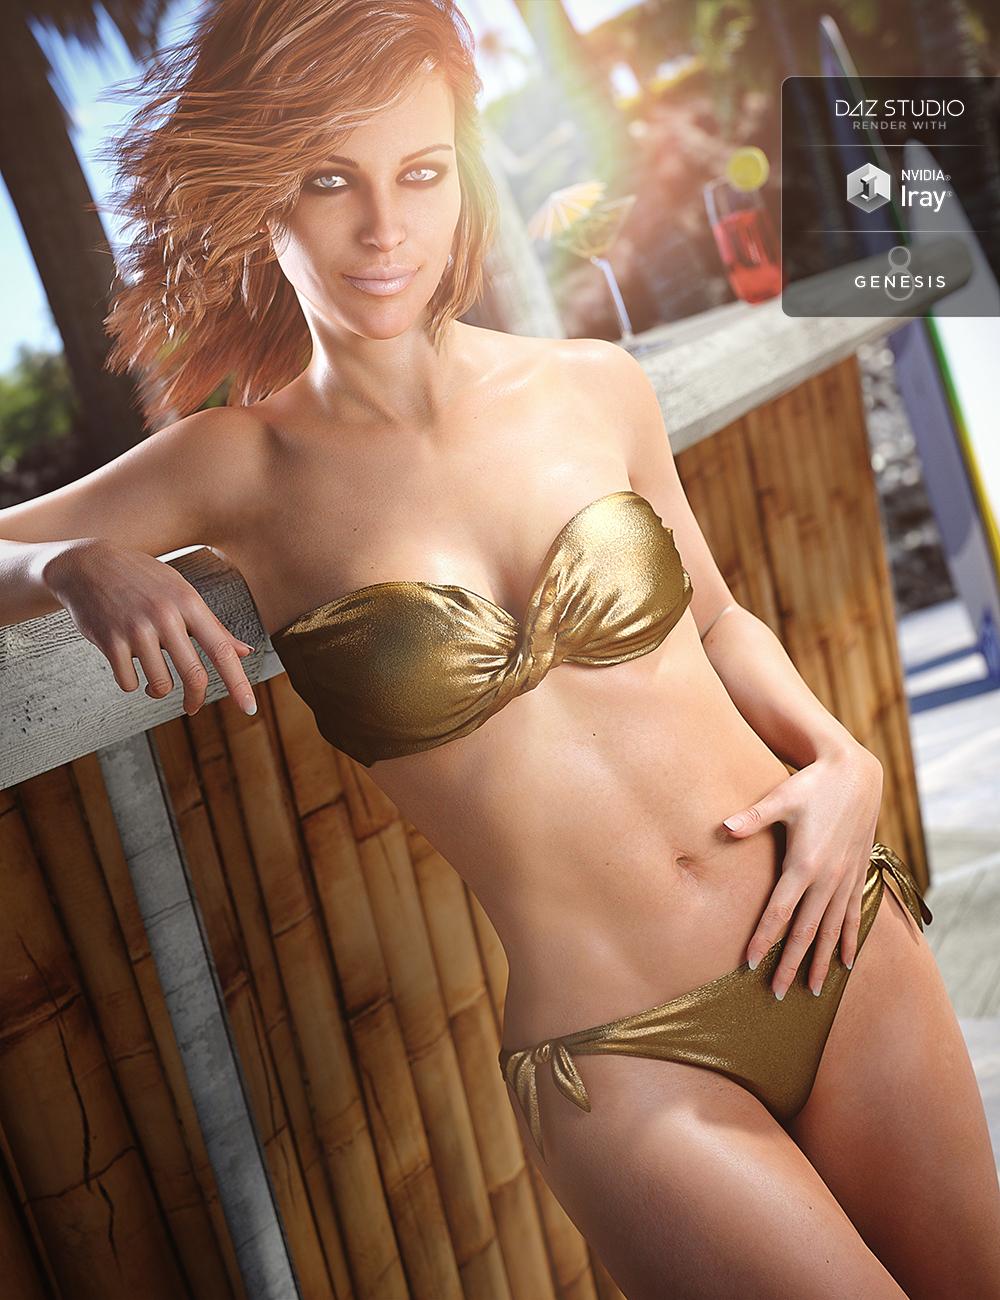 Bandeau Twist Bikini for Genesis 8 Female(s) by: NikisatezArien, 3D Models by Daz 3D